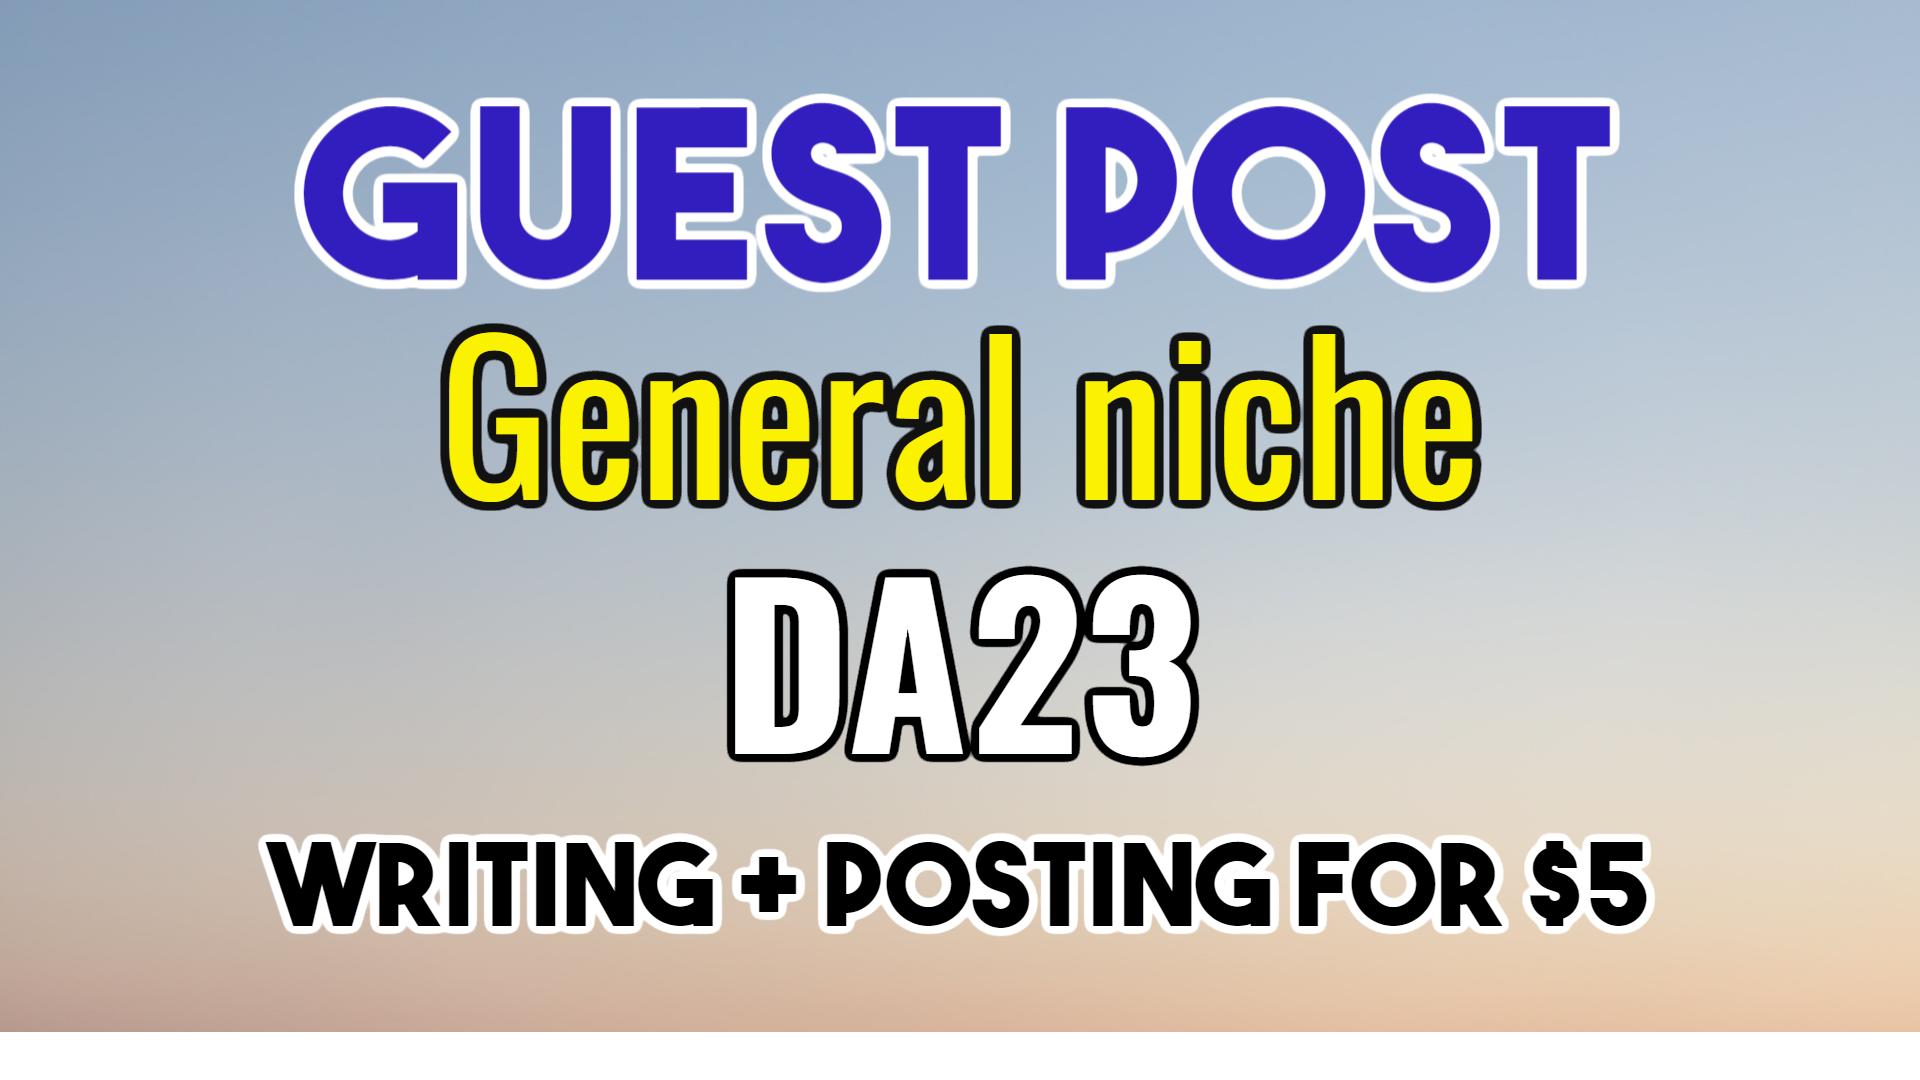 I will publish a guest post on da23 general niche site